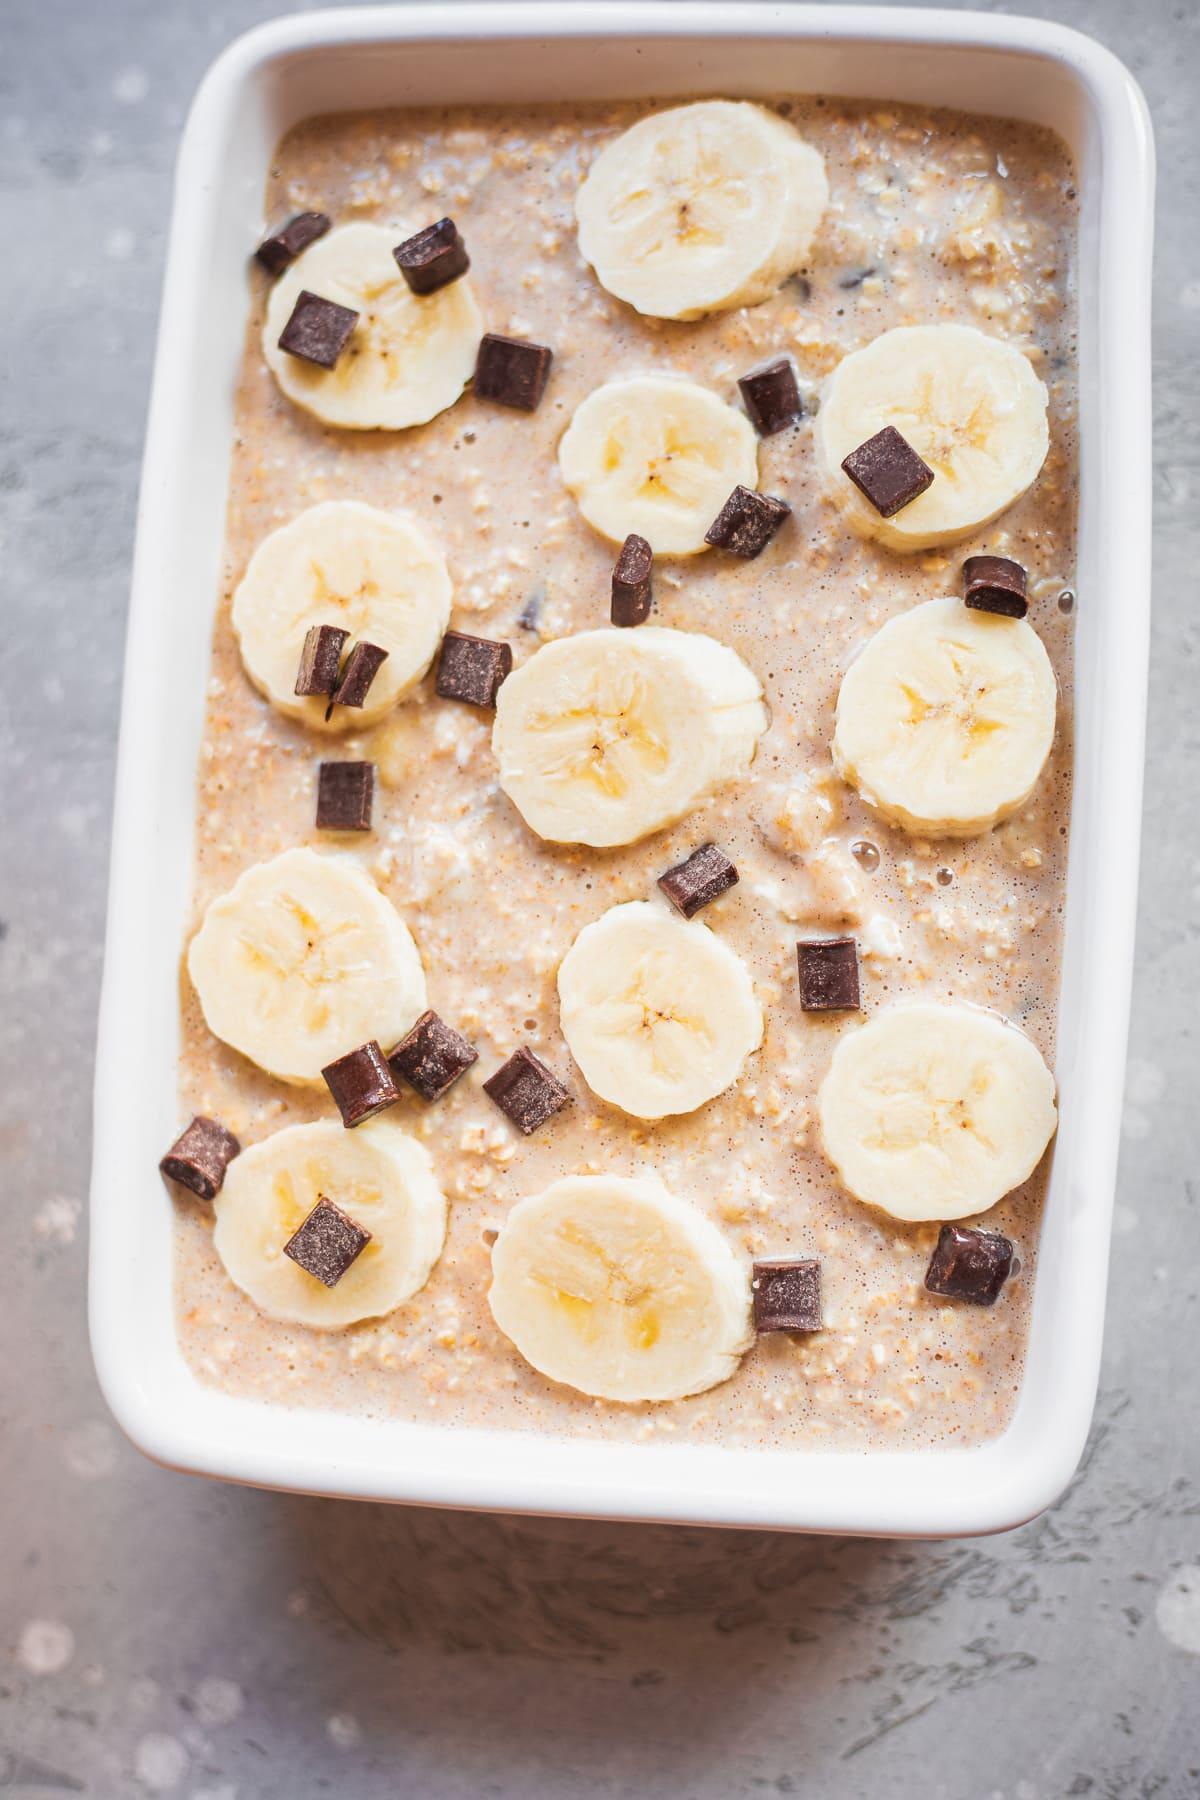 Vegan banana bread oatmeal batter in a baking dish